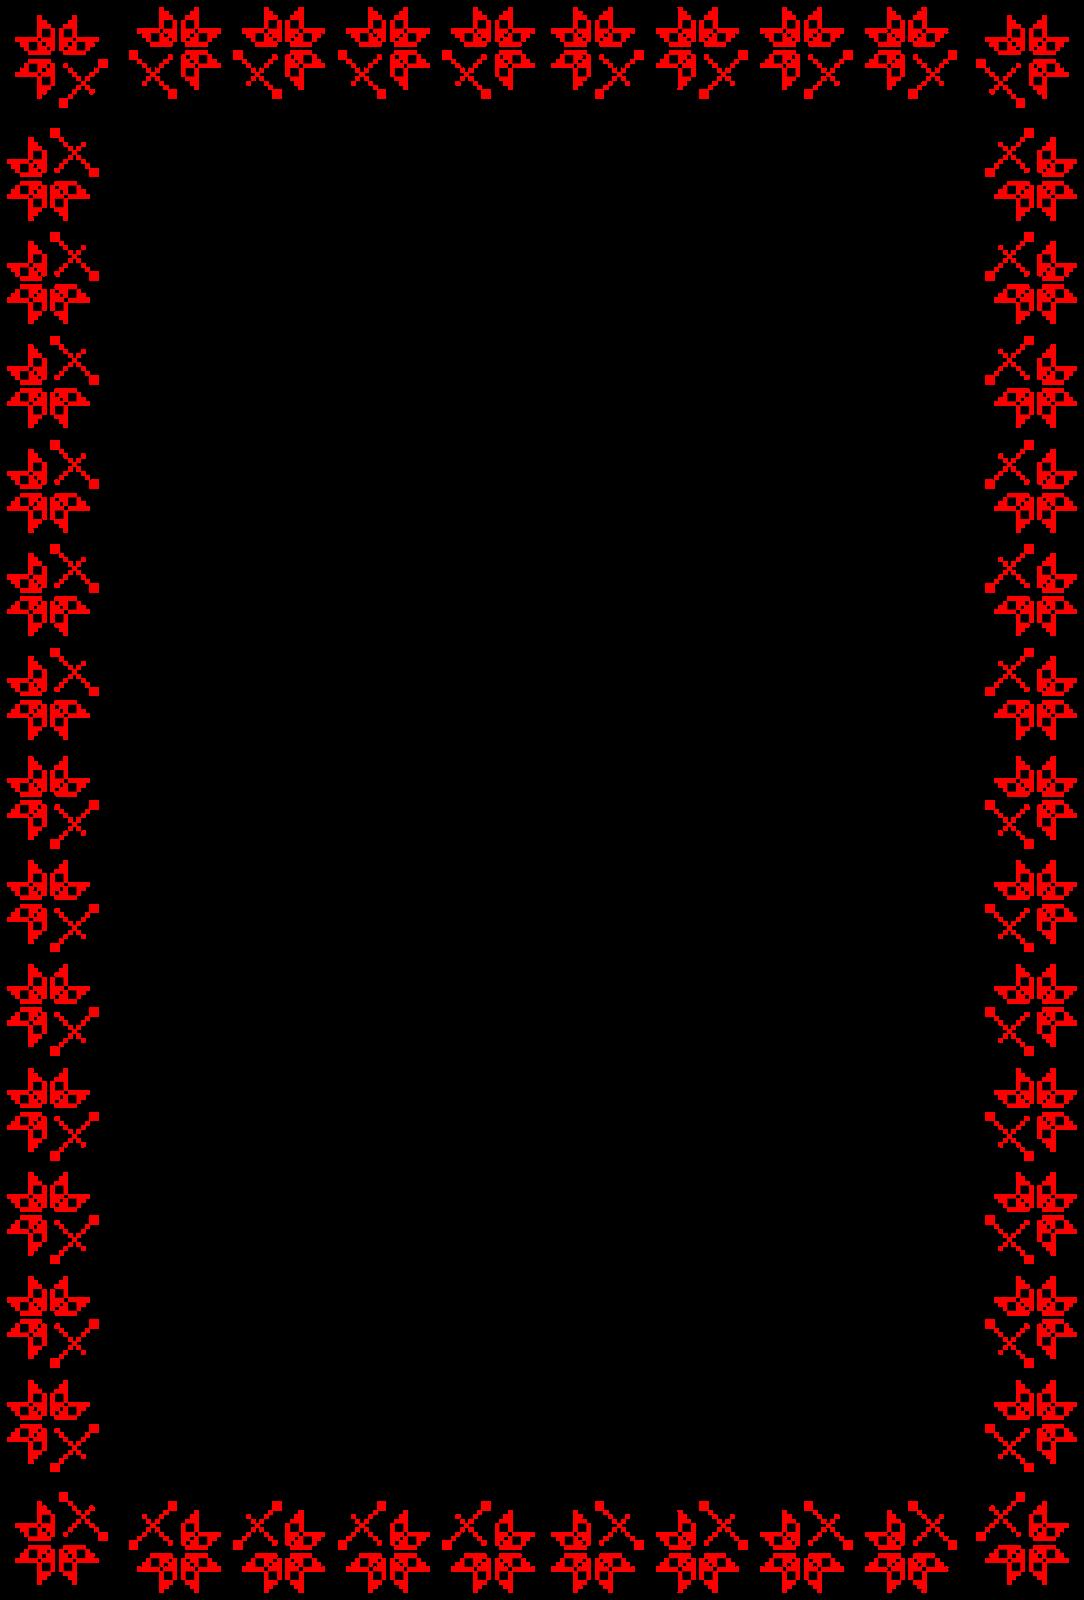 Украинский фото со стоков и изображения.